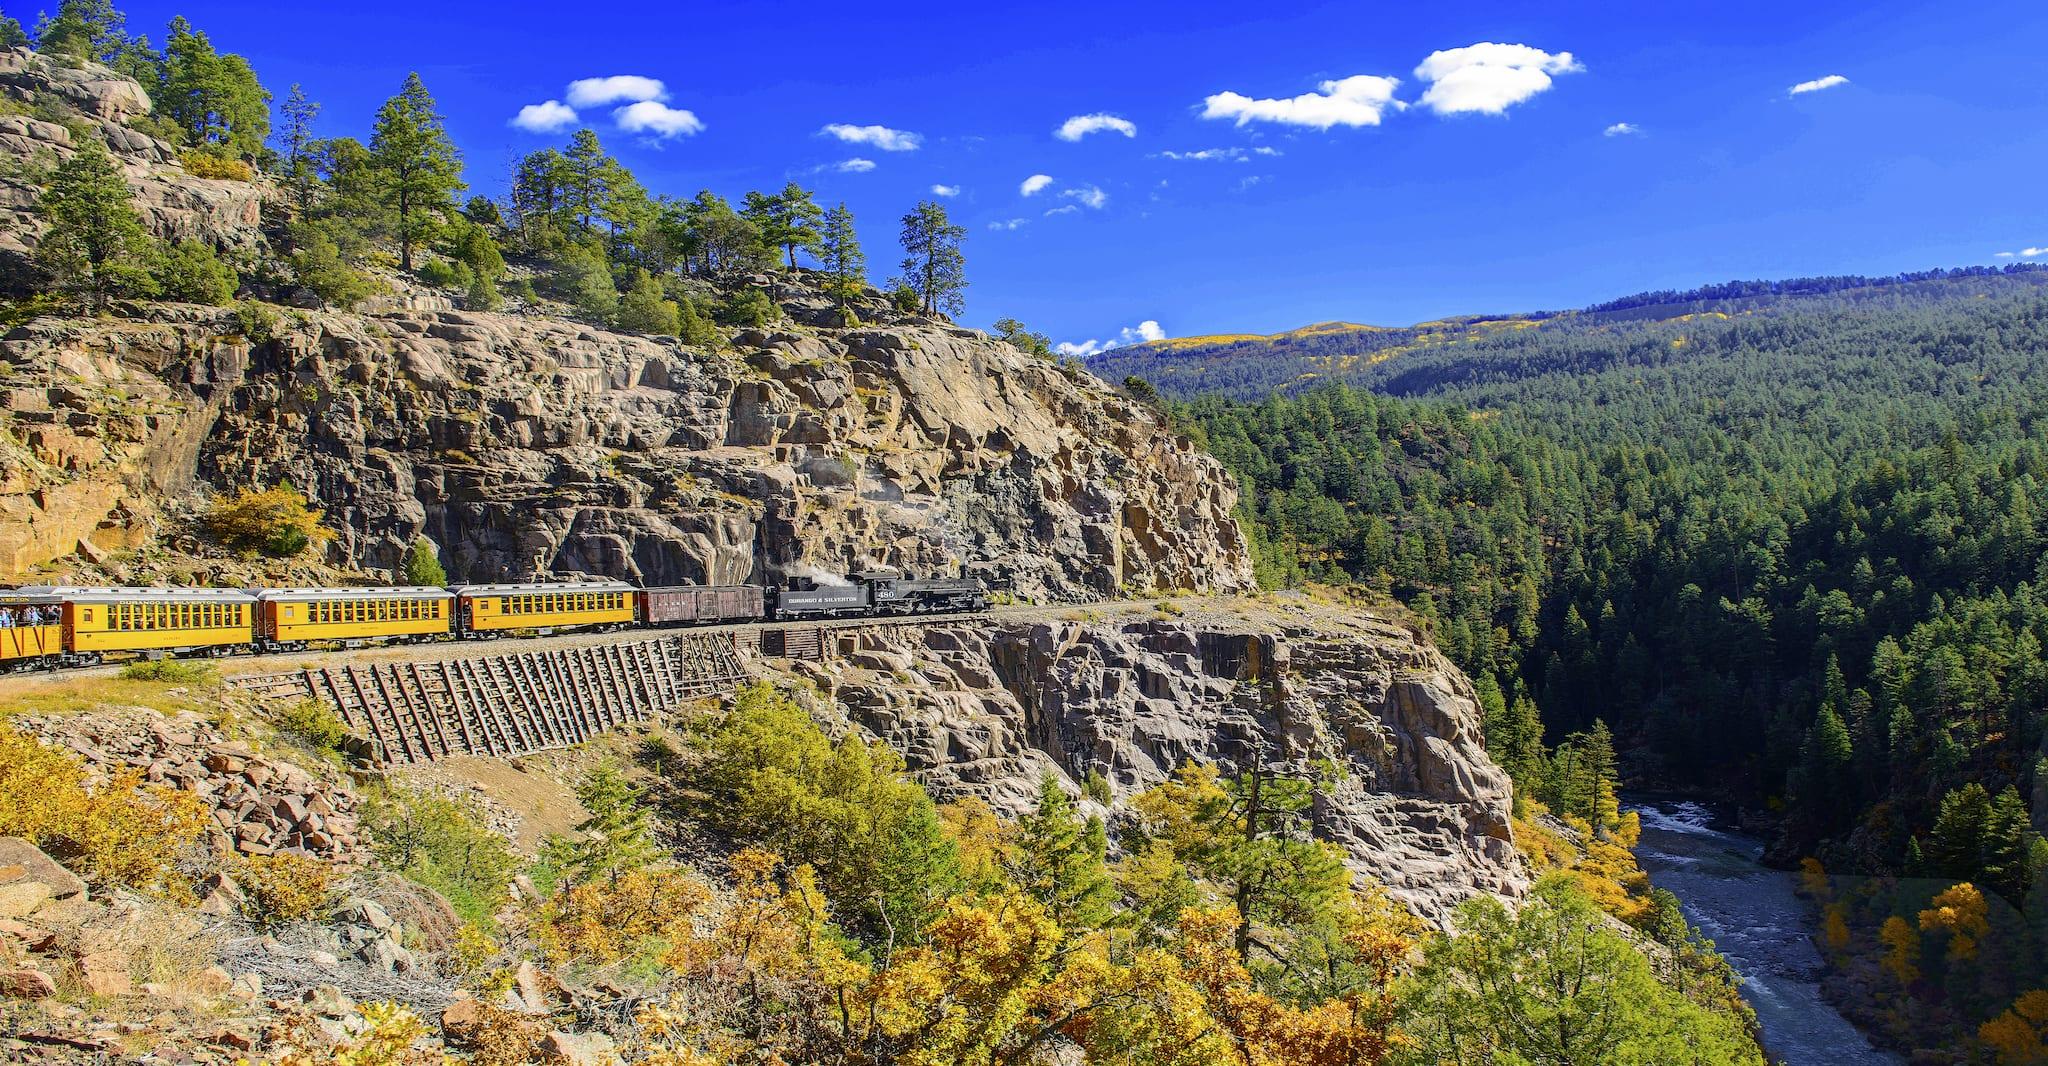 Durango and Silverton Railroad Animas River Canyon Colorado